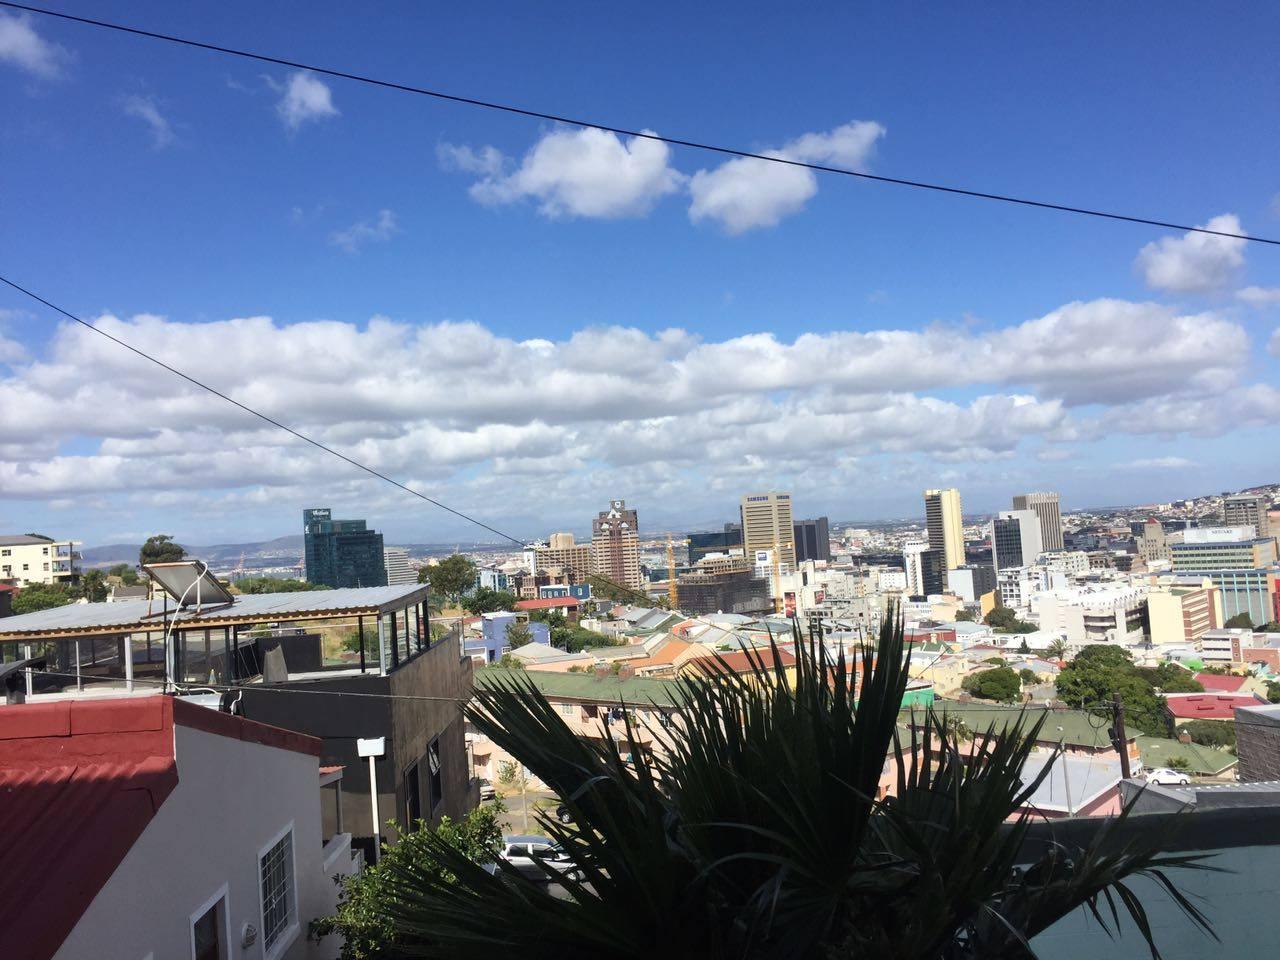 [:de]Eine Wohnung in Kapstadt finden – Tipps und Tricks[:en]Finding an apartment in Cape Town – Step by step[:]